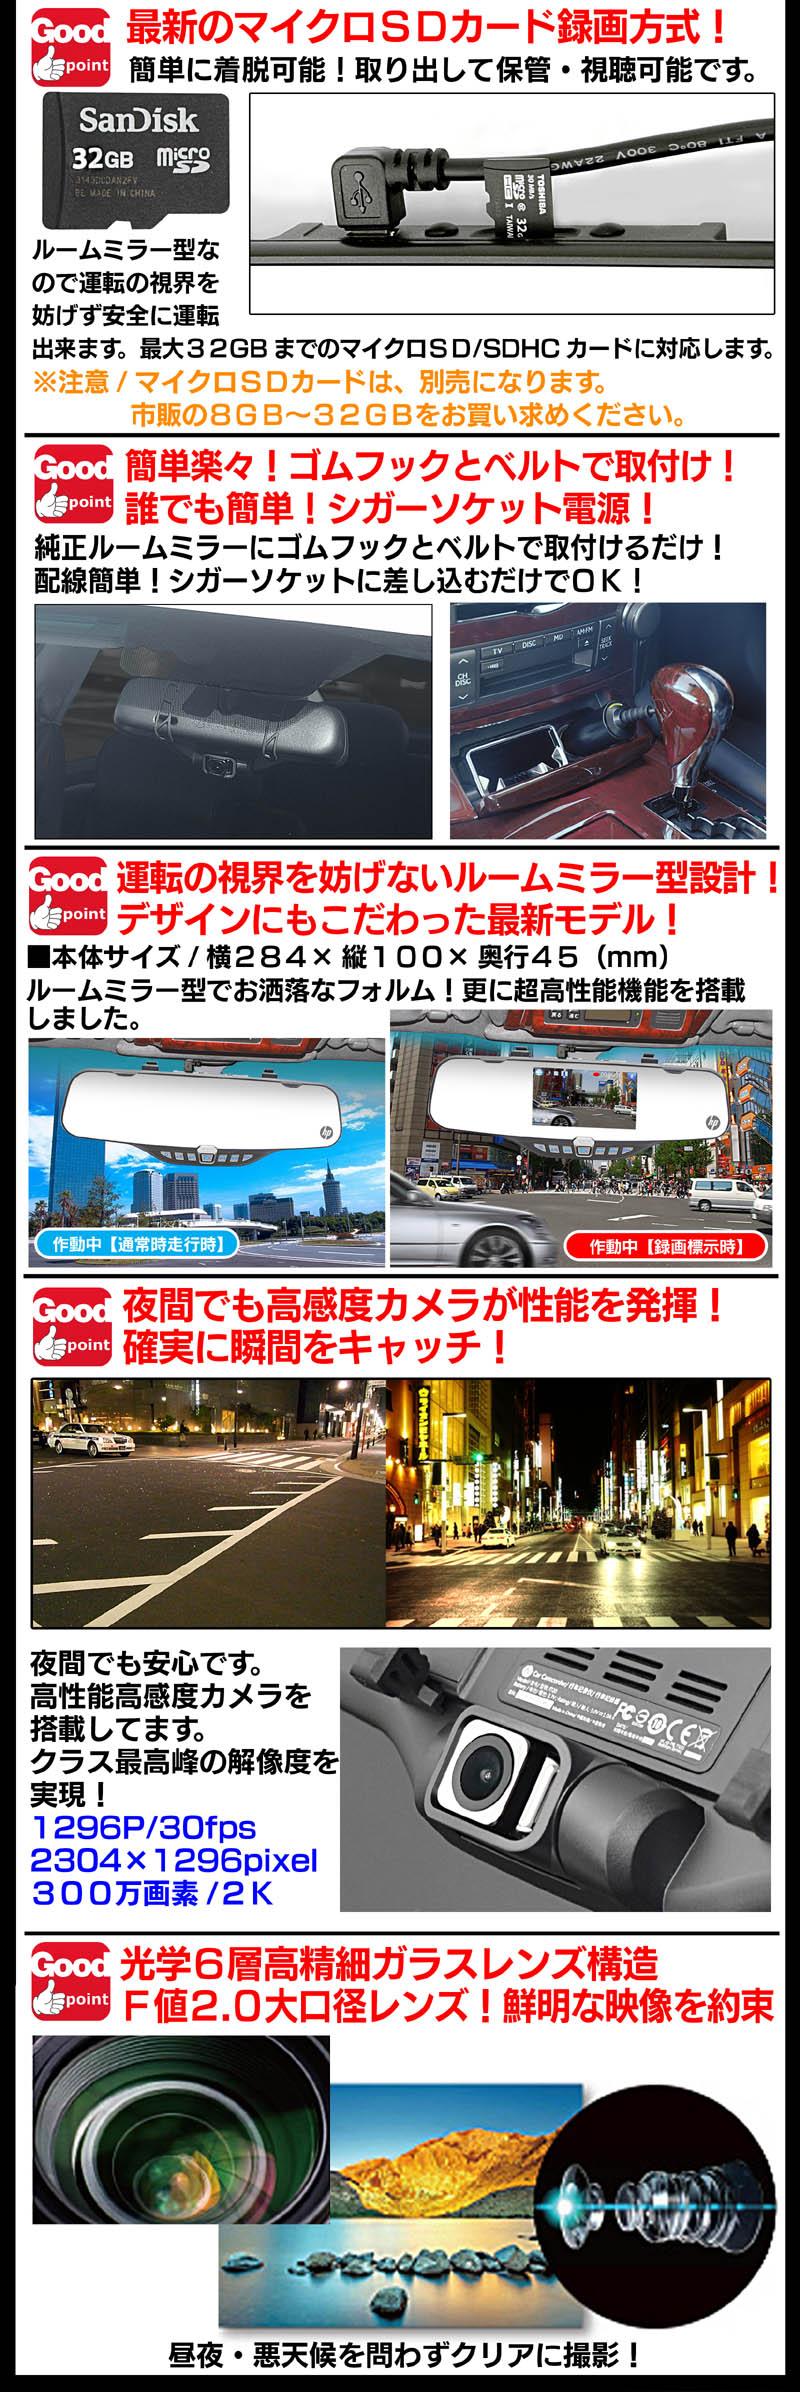 ルームミラー型ドライブレコーダーf720 hpヒューレットパッカード製/300万画素2KスーパーHD/広角150度F2.0/駐車中監視搭載/DC12V-24V